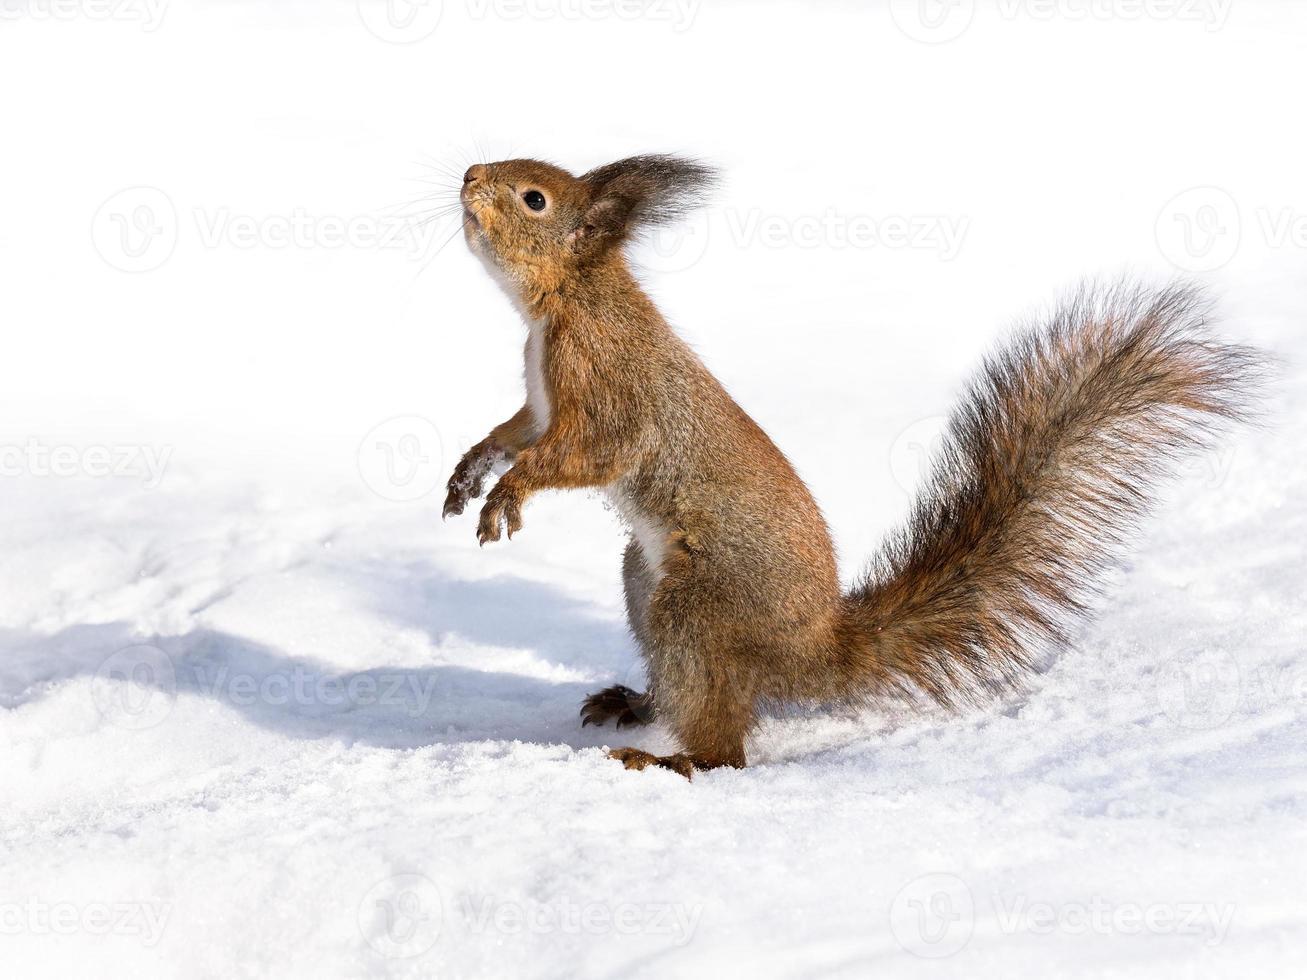 neugieriges Eichhörnchen, das auf dem Schnee steht foto